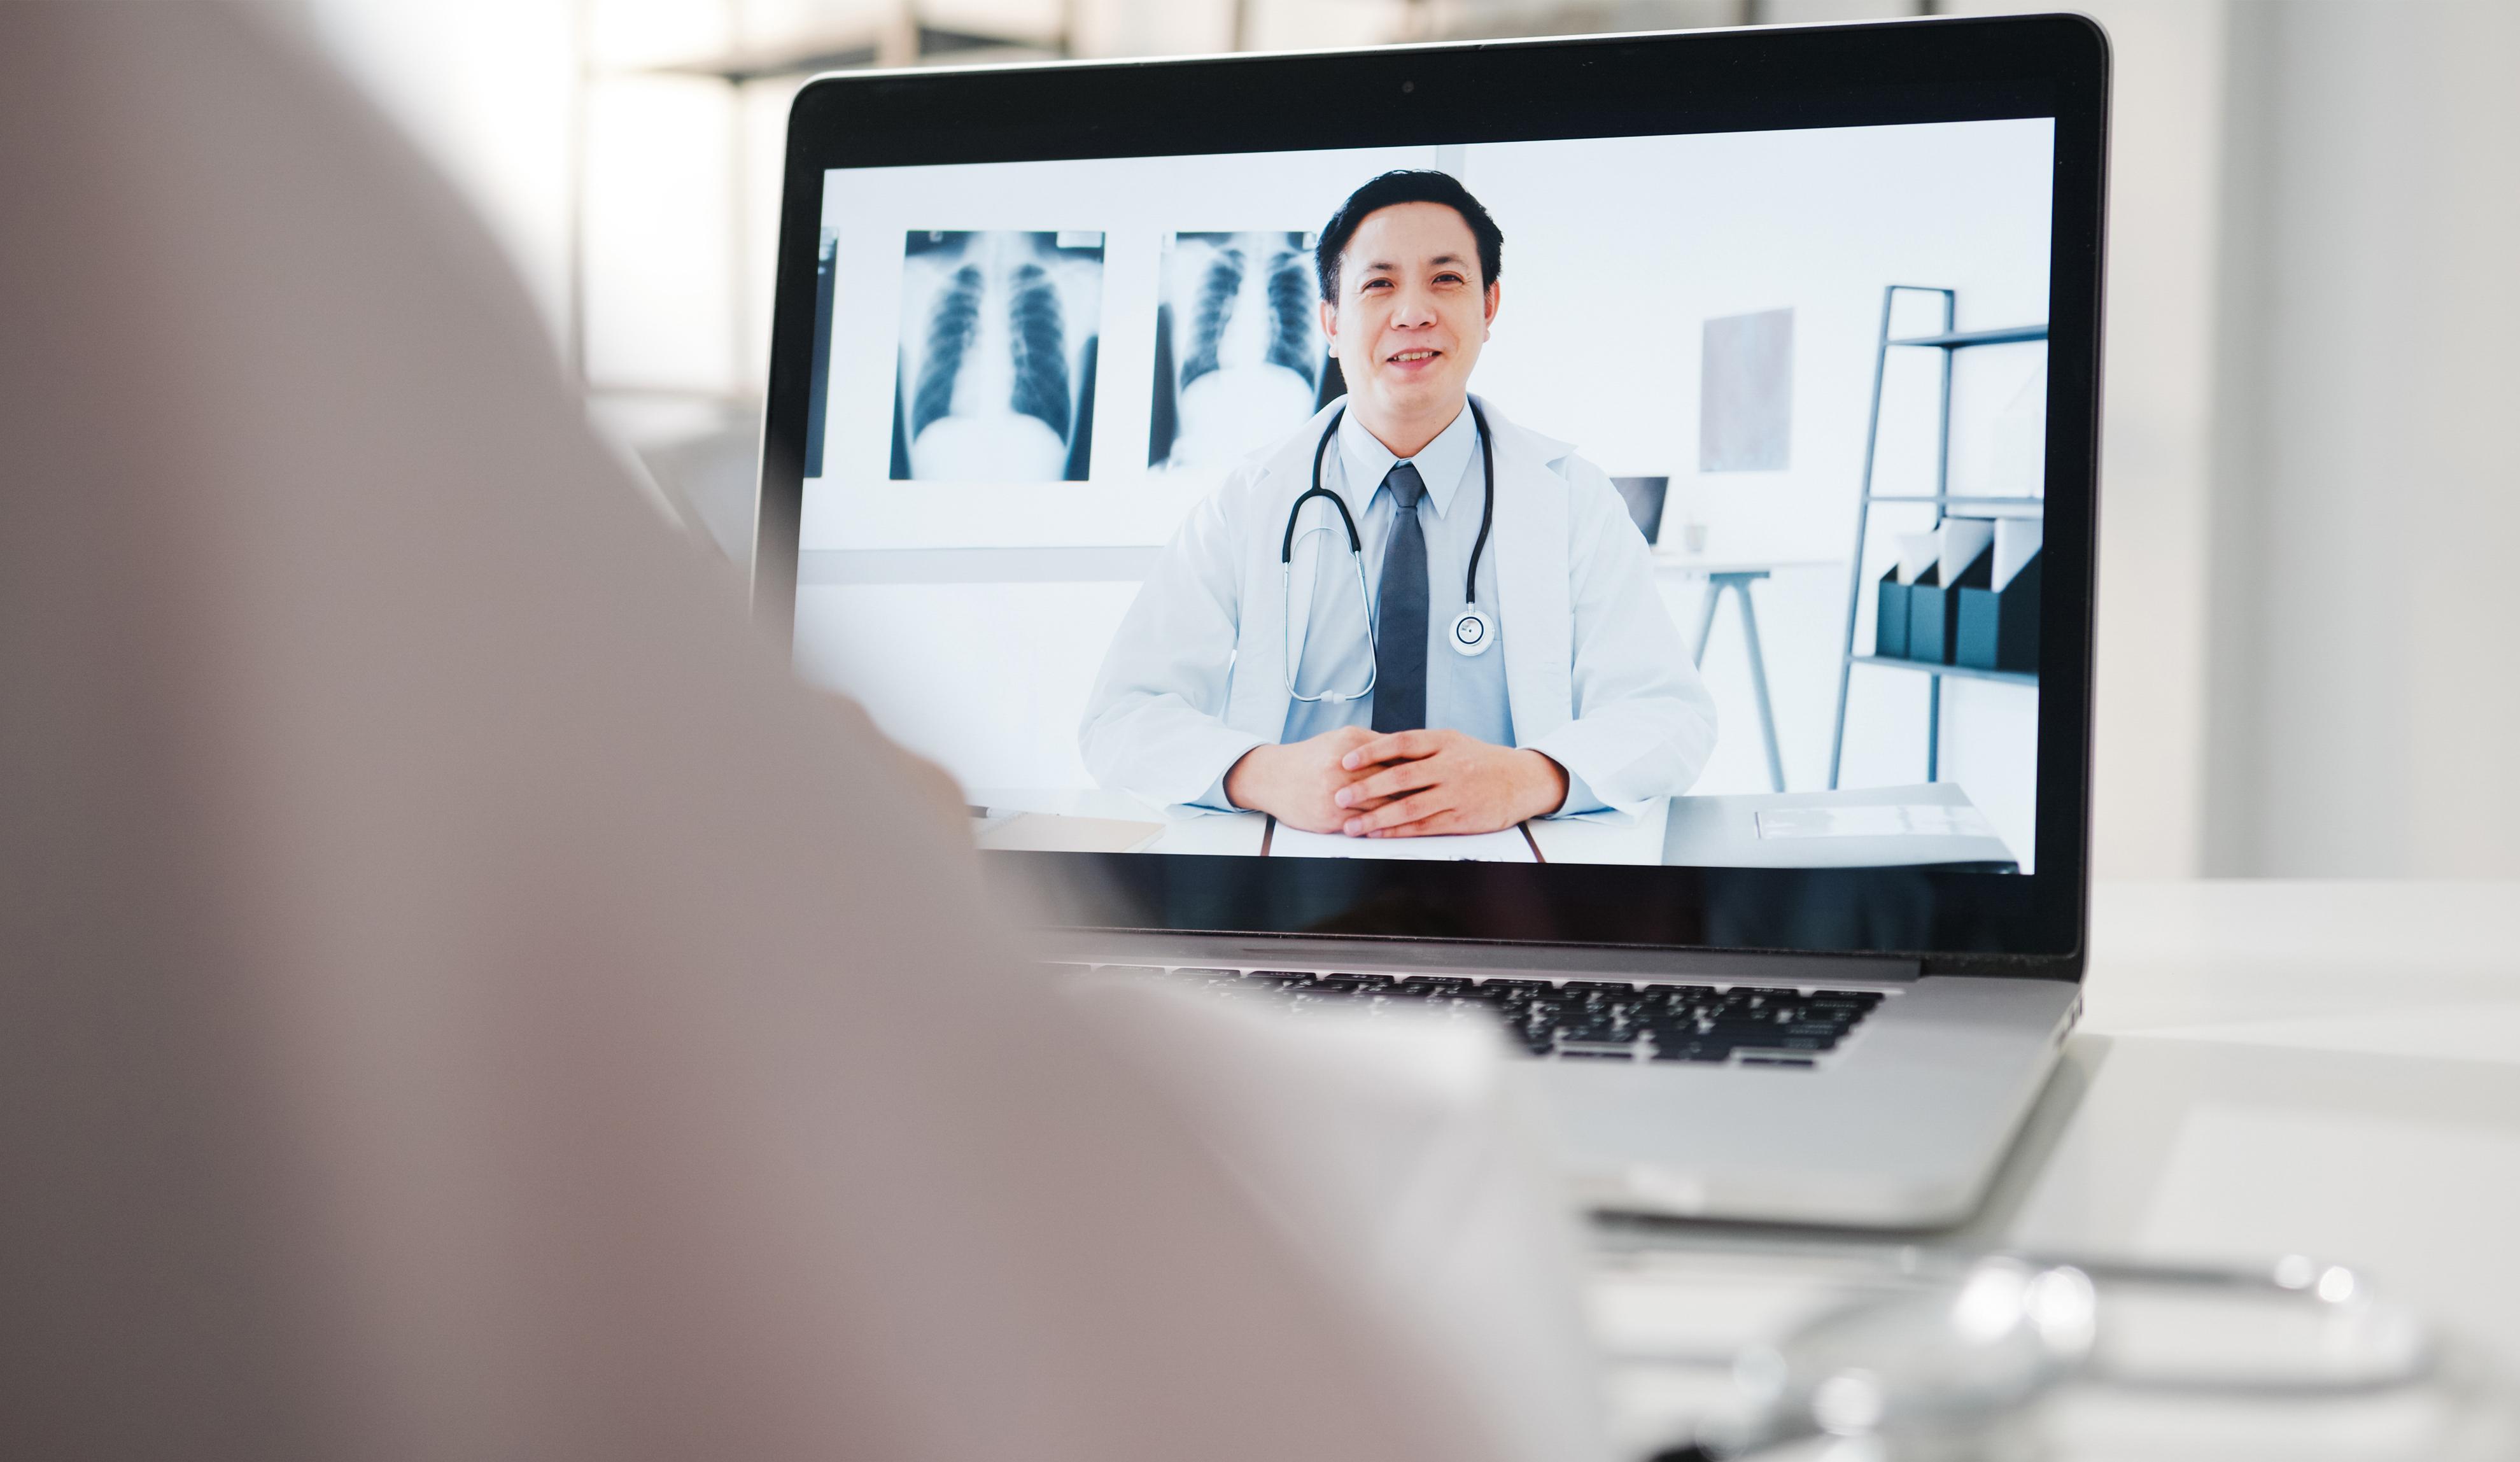 Elige los médicos de tu preferencia con el servicio de telemedicina